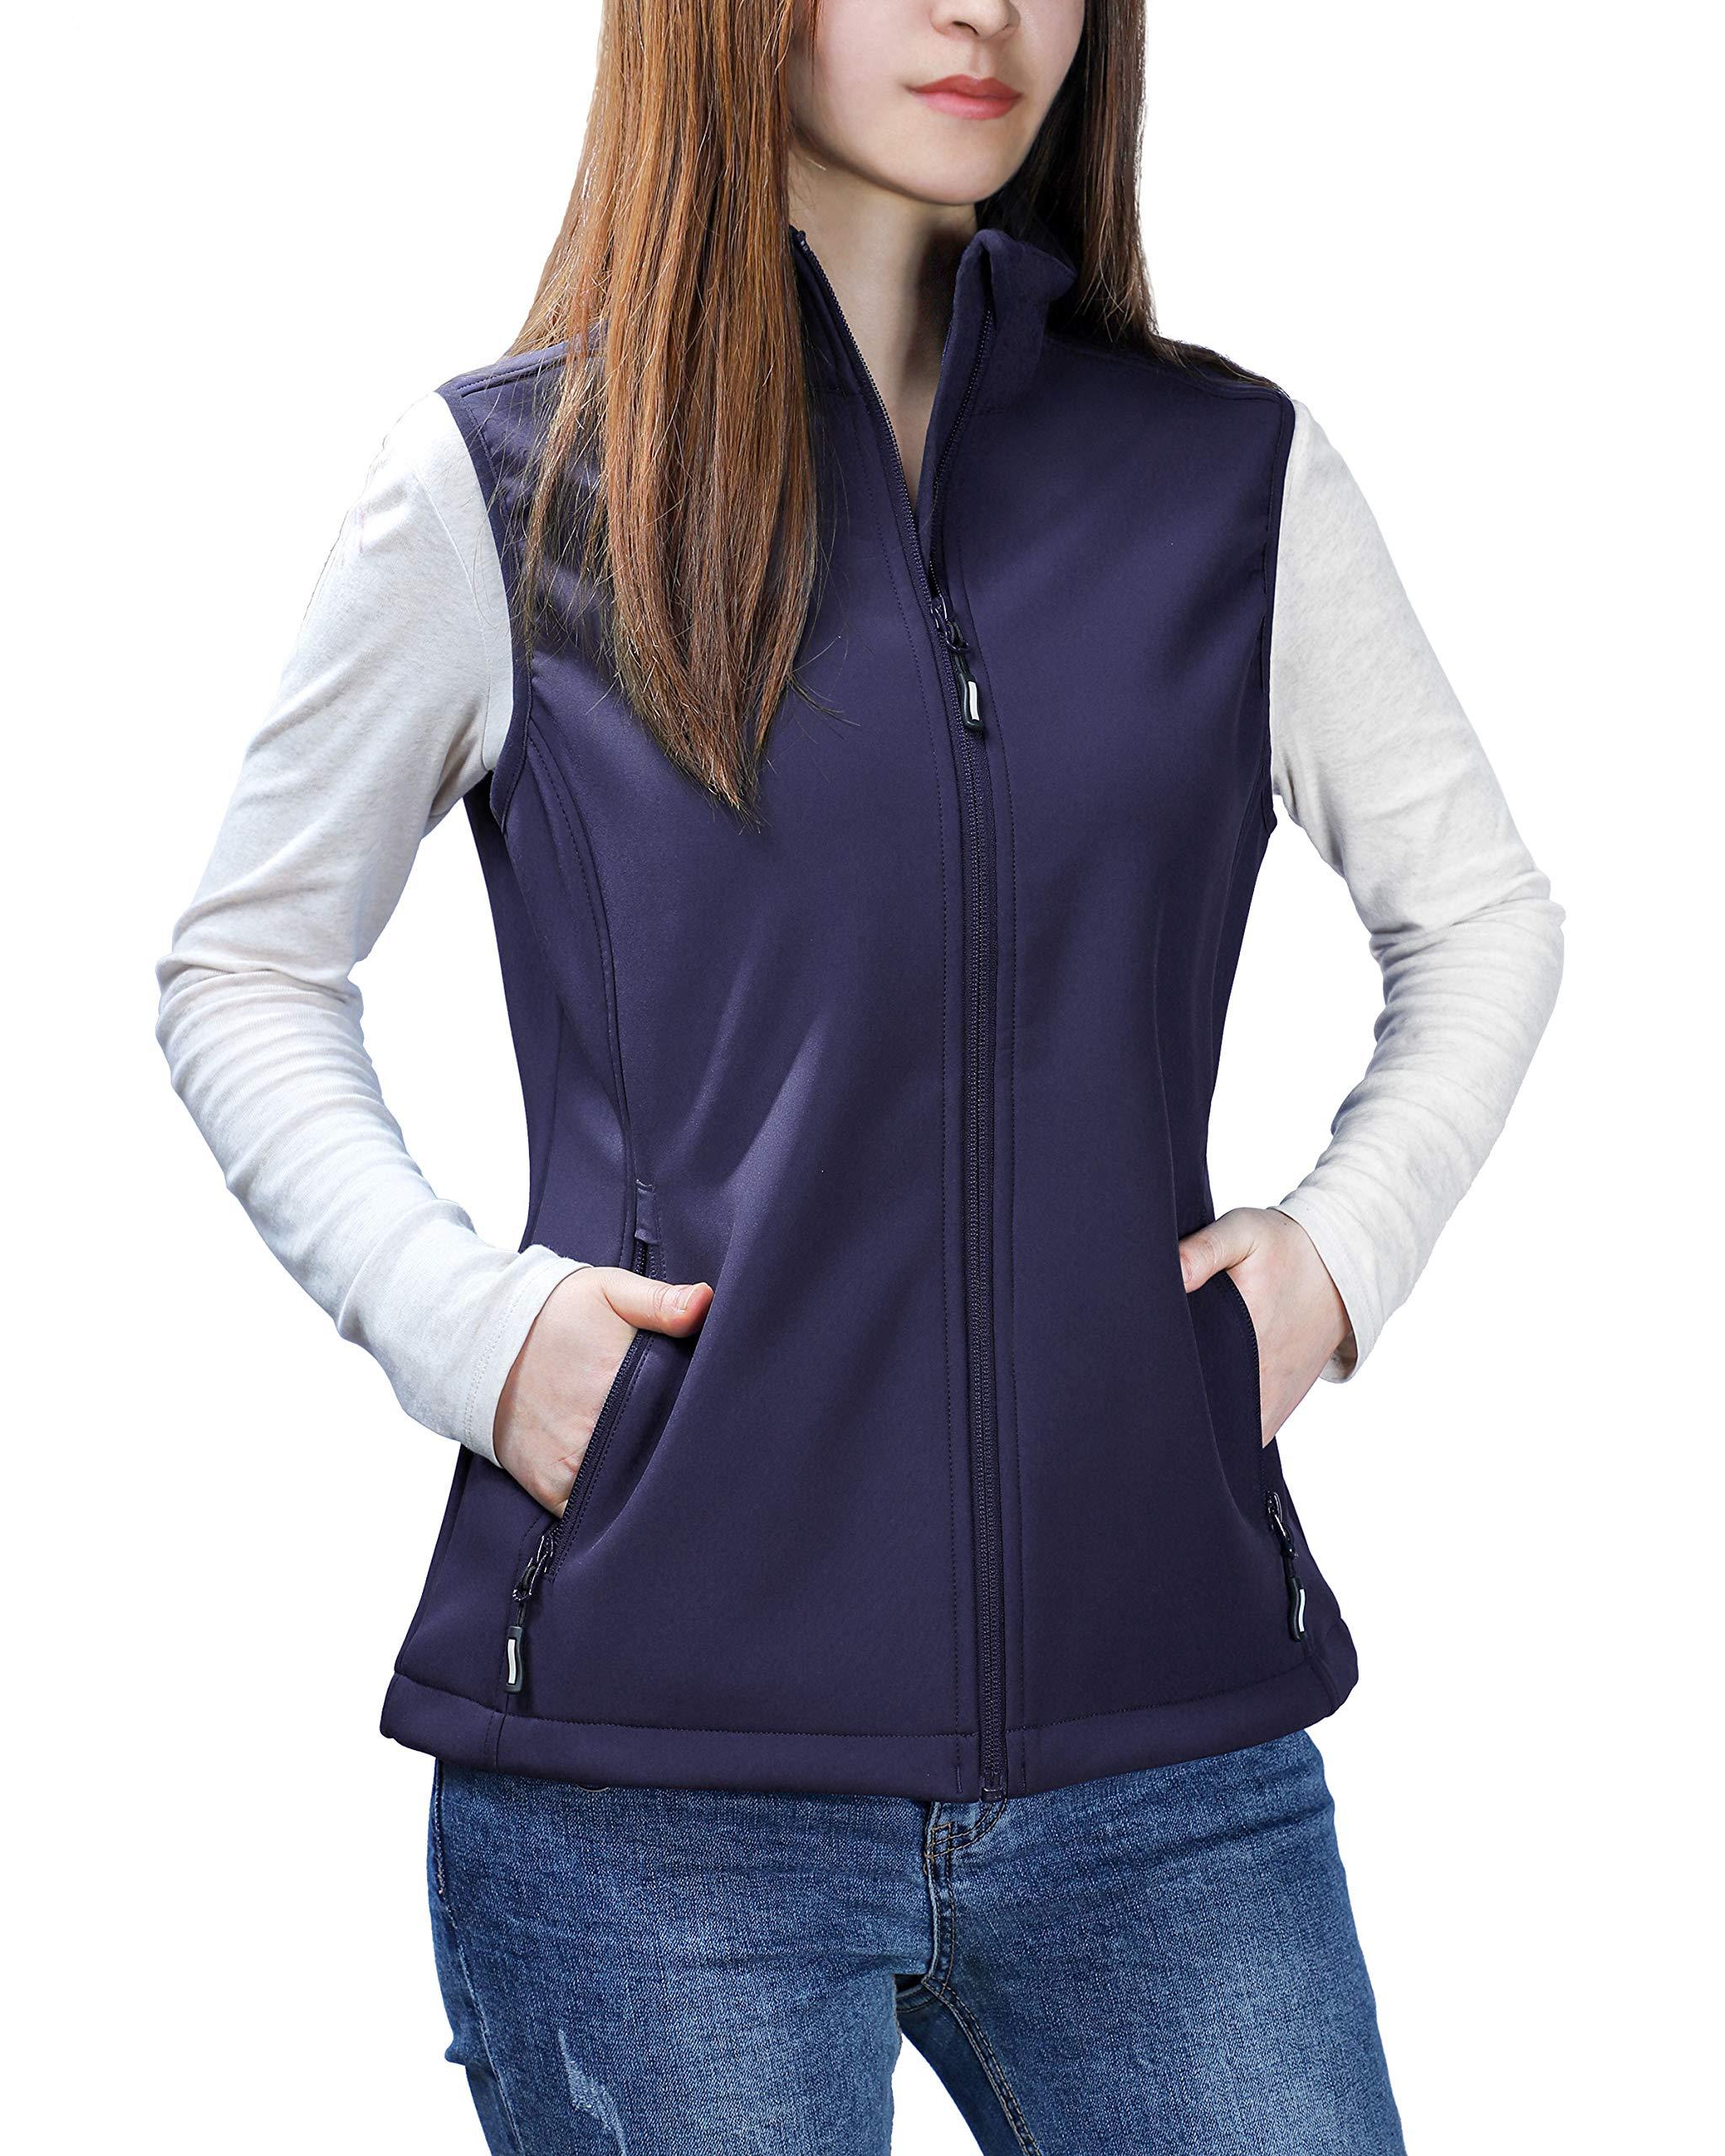 Outdoor Ventures Women's Mia Lightweight Sleeveless Fall Windproof Soft Bonded Fleece Softshell Zip Vest Deep Purple by Outdoor Ventures